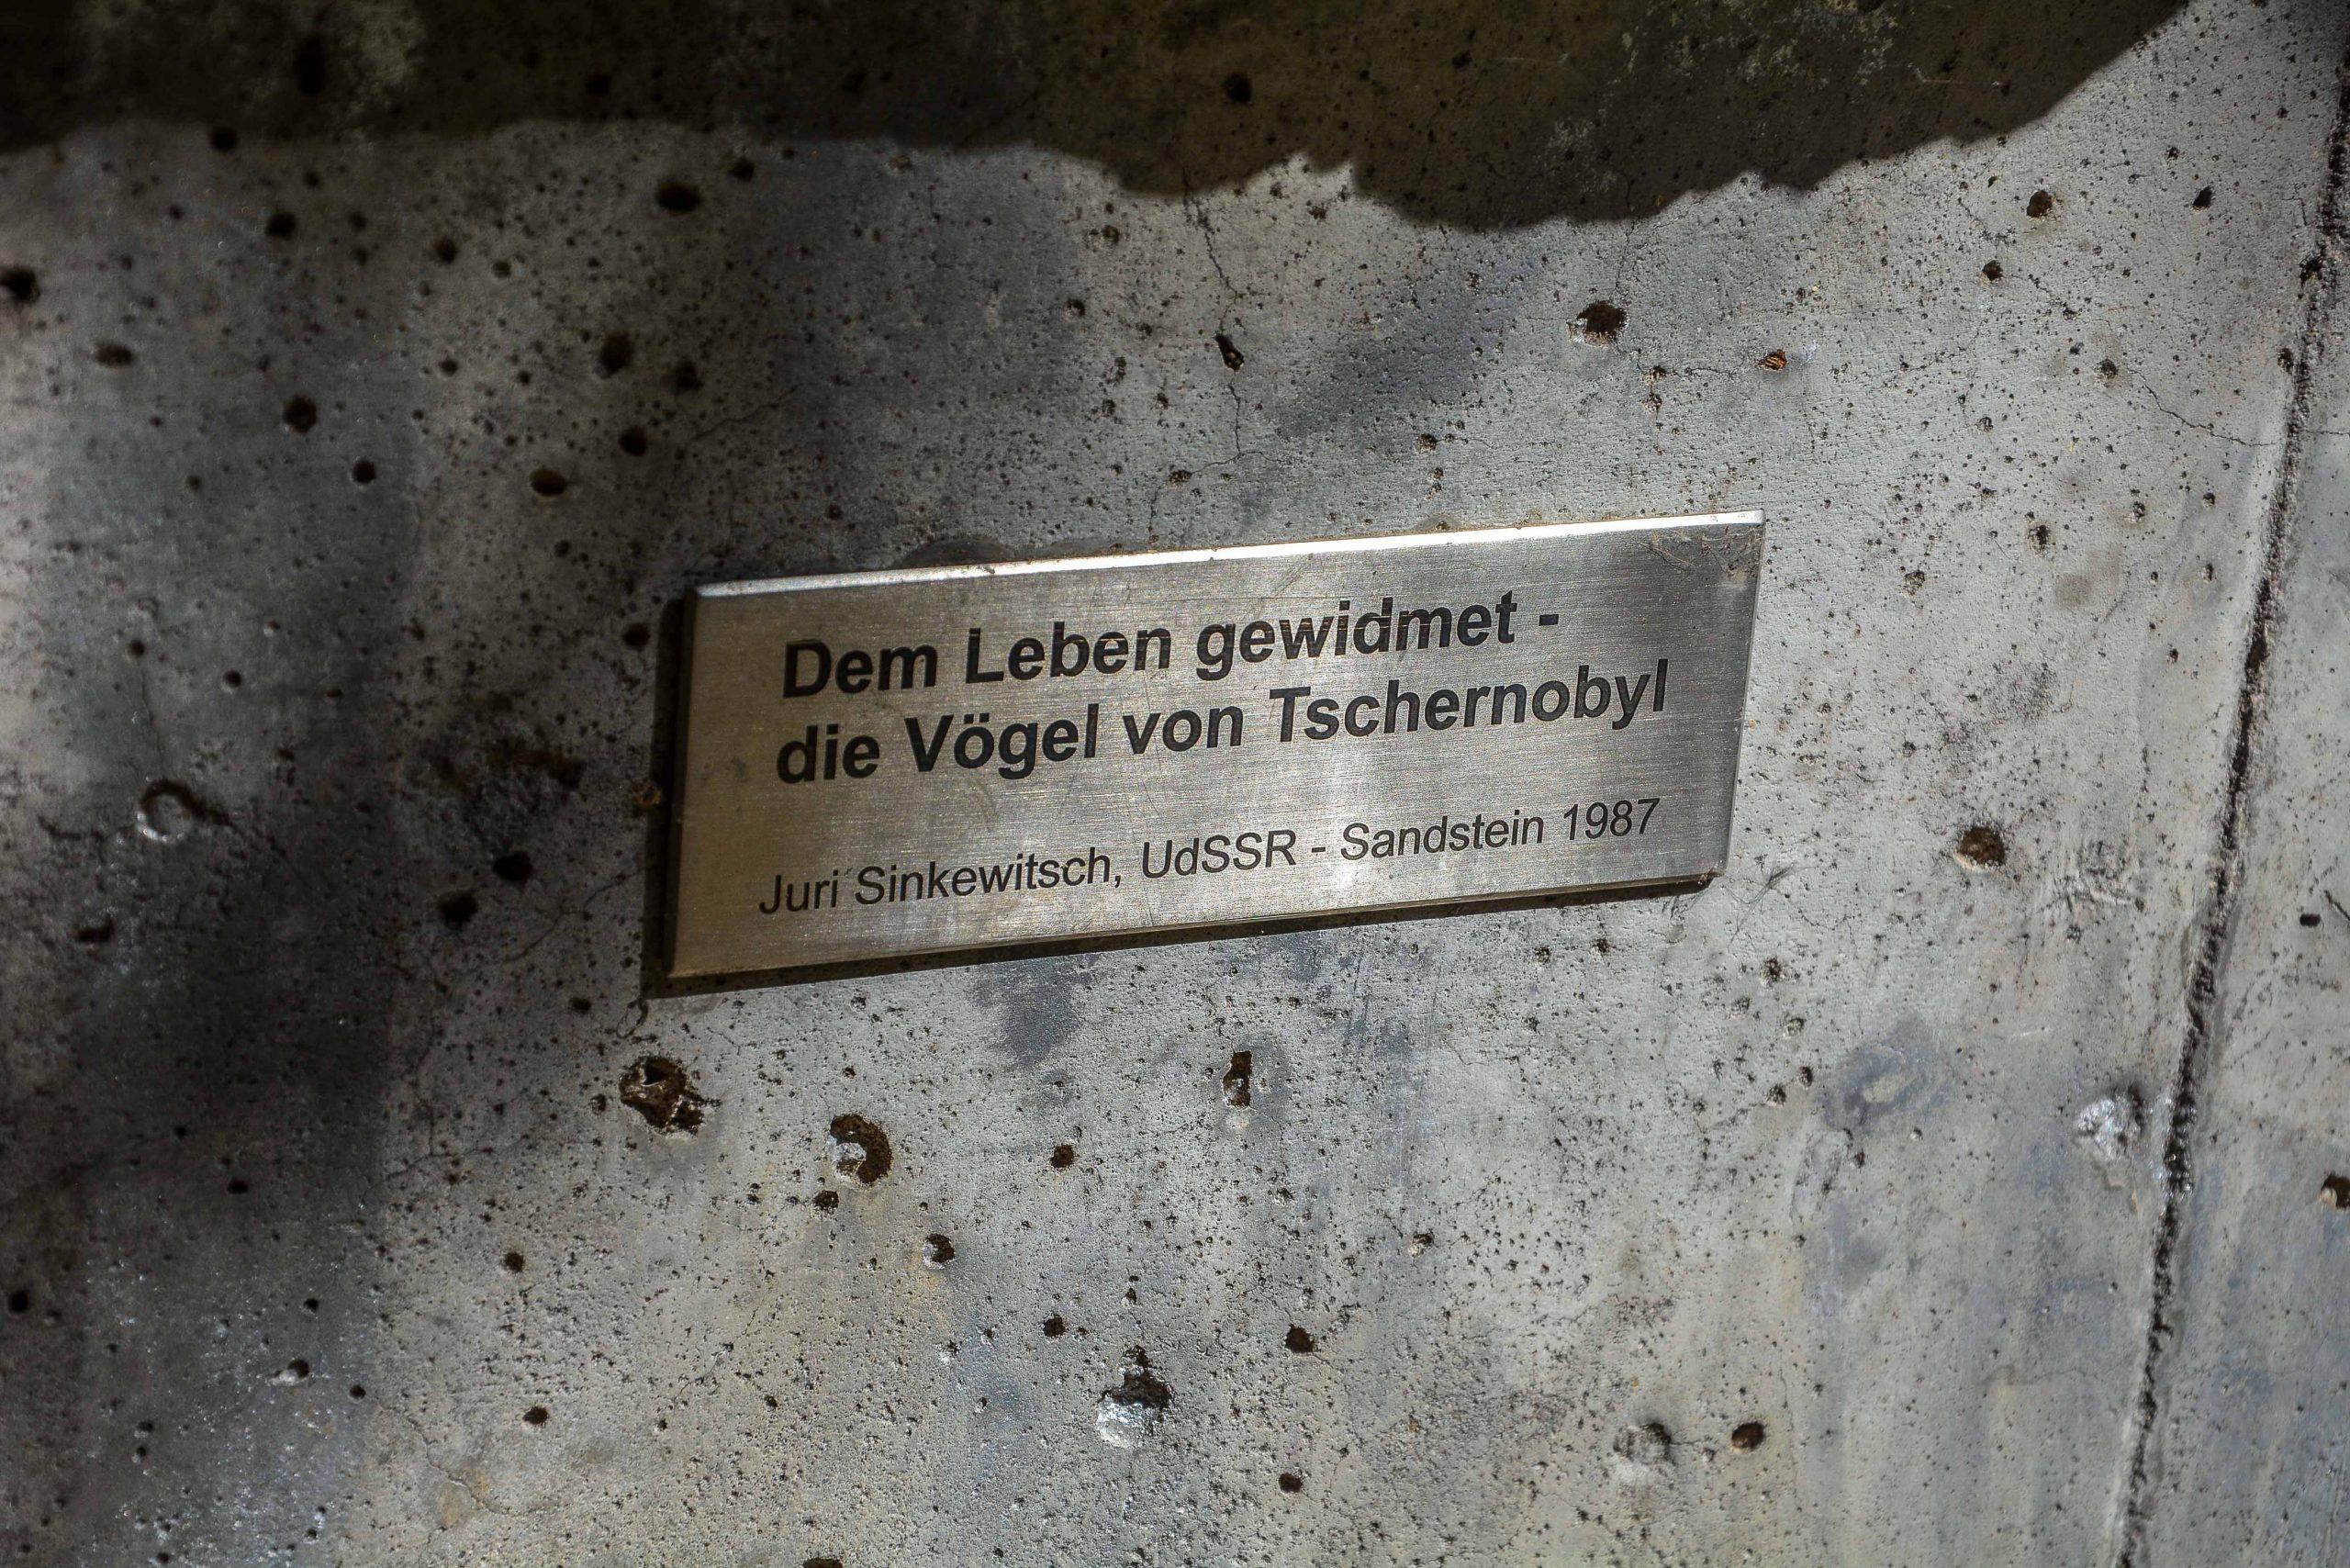 Chernobyl Memorial Berlin Lichtenberg fennpfuhlpark tschernobyl denkmal berlin deutschland juri sinkewitsch